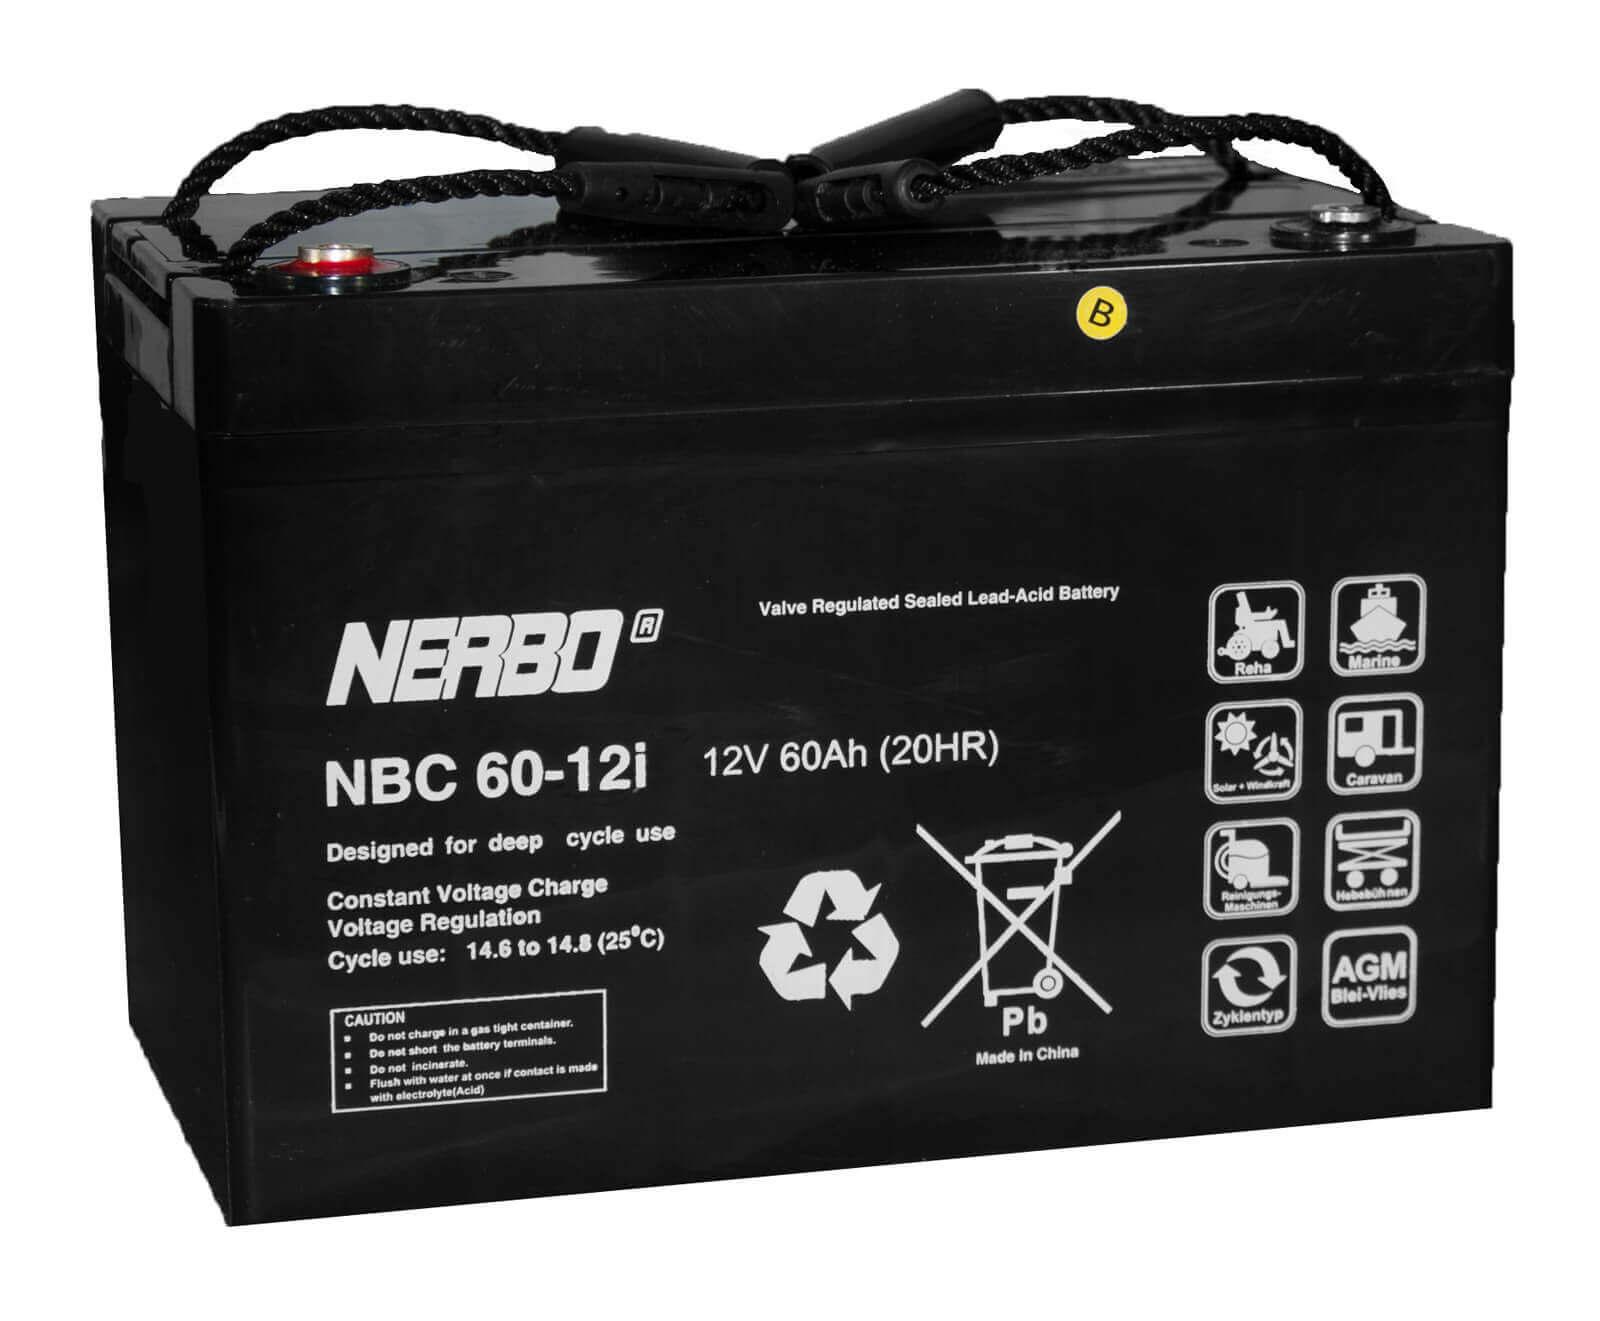 Nerbo NBC 60-12i - 12V 60Ah VRLA-AGM Akku Batterie Zyklentyp